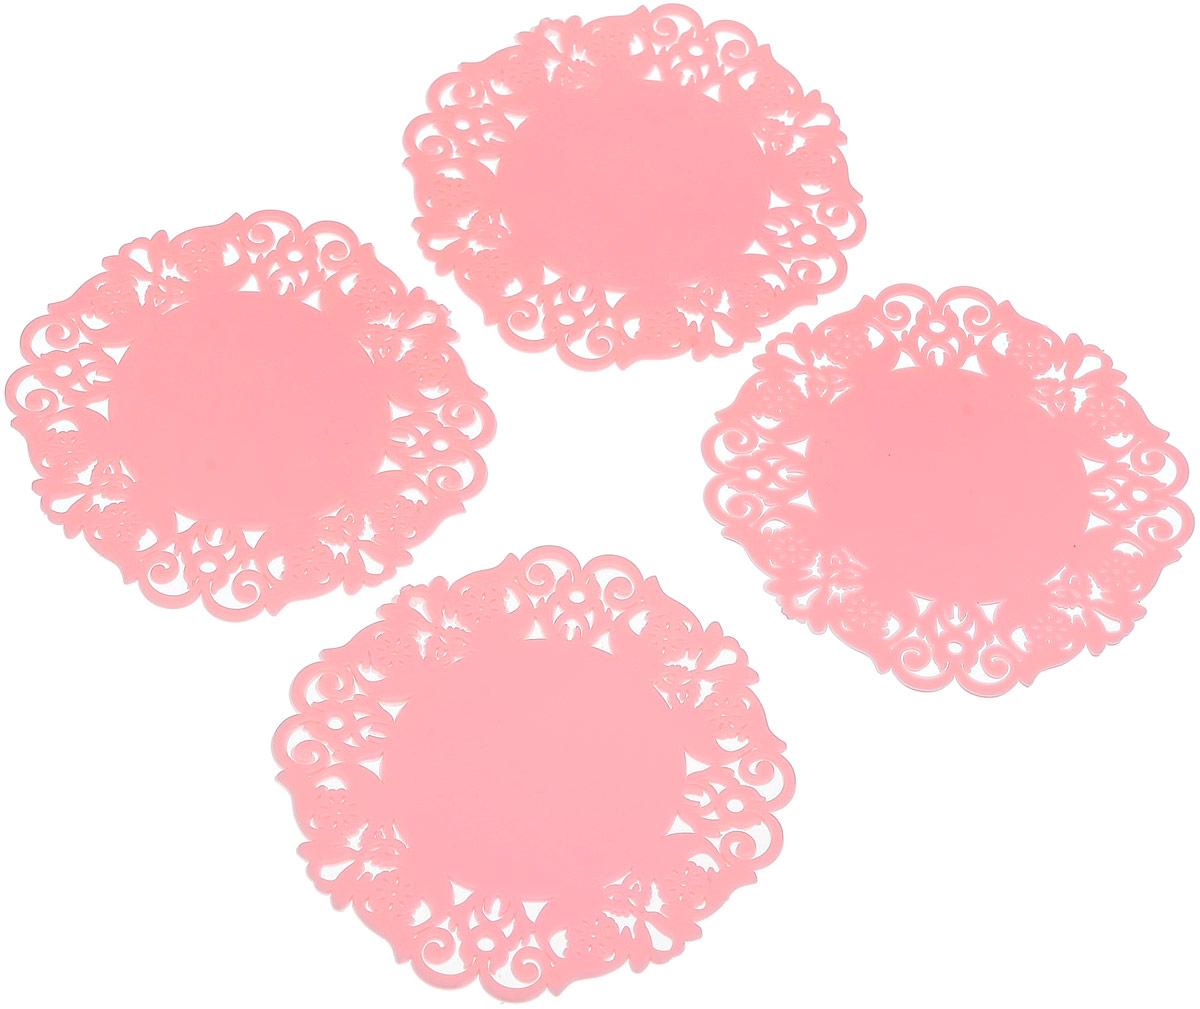 Набор подставок под горячее Доляна Чаепитие, цвет: розовый, 10 см, 4 шт812066Силиконовая подставка под горячее — практичный предмет, который обязательно пригодится в хозяйстве. Изделие поможет сберечь столы, тумбы, скатерти и клеёнки от повреждения нагретыми сковородами, кастрюлями, чайниками и тарелками.